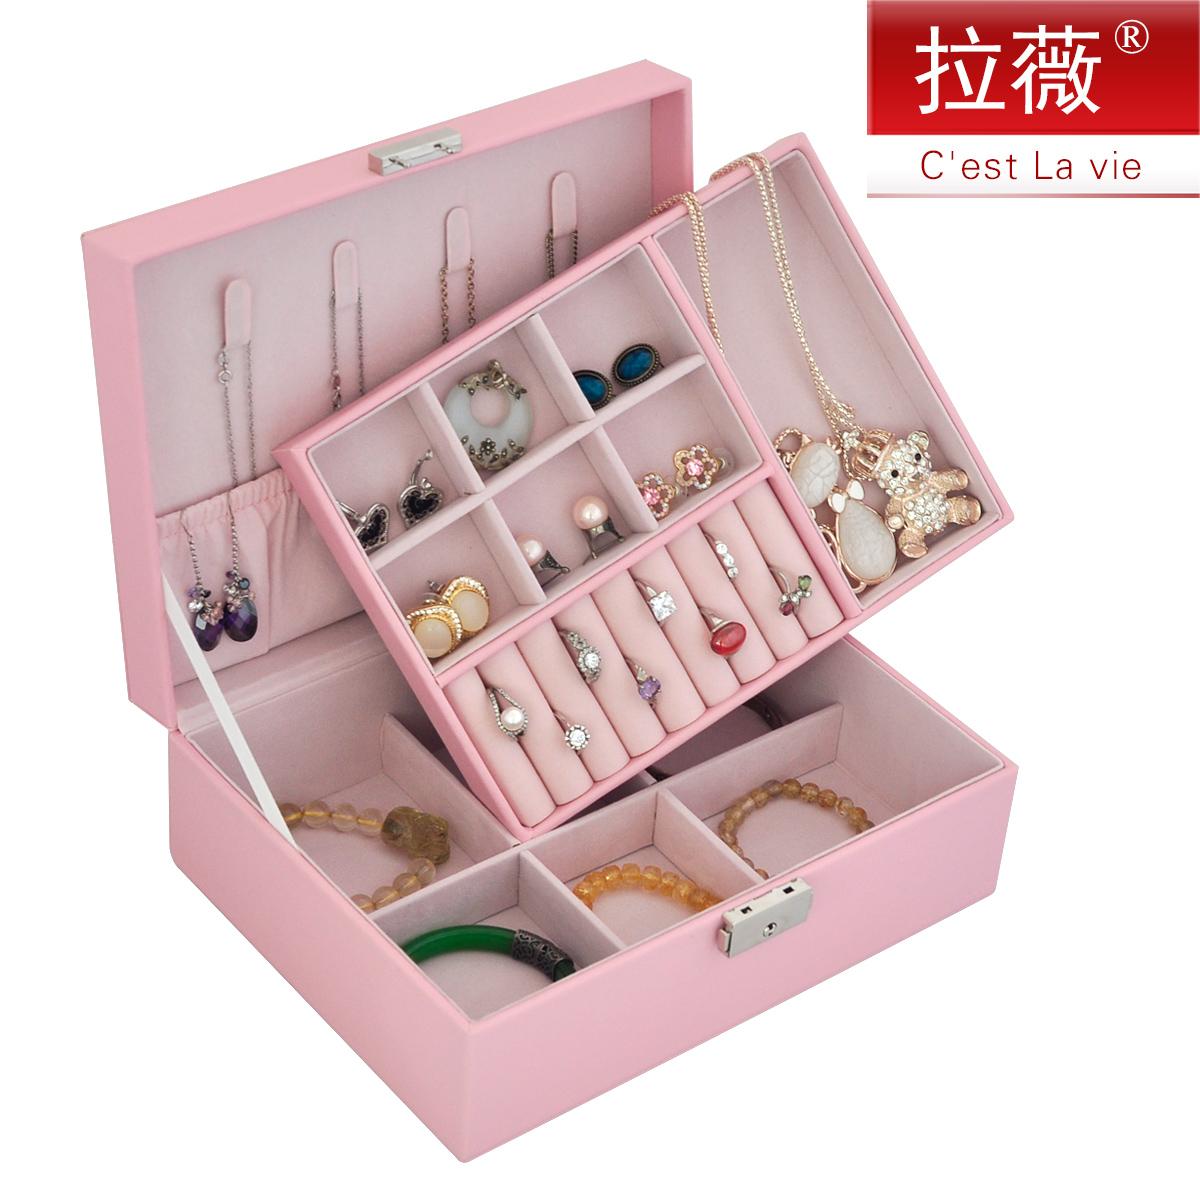 Тянуть чистоуст японский шкатулка фланель & кожа большой квадрат аксессуары в коробку блокировка выйти замуж день рождения подарок танабата фестиваль